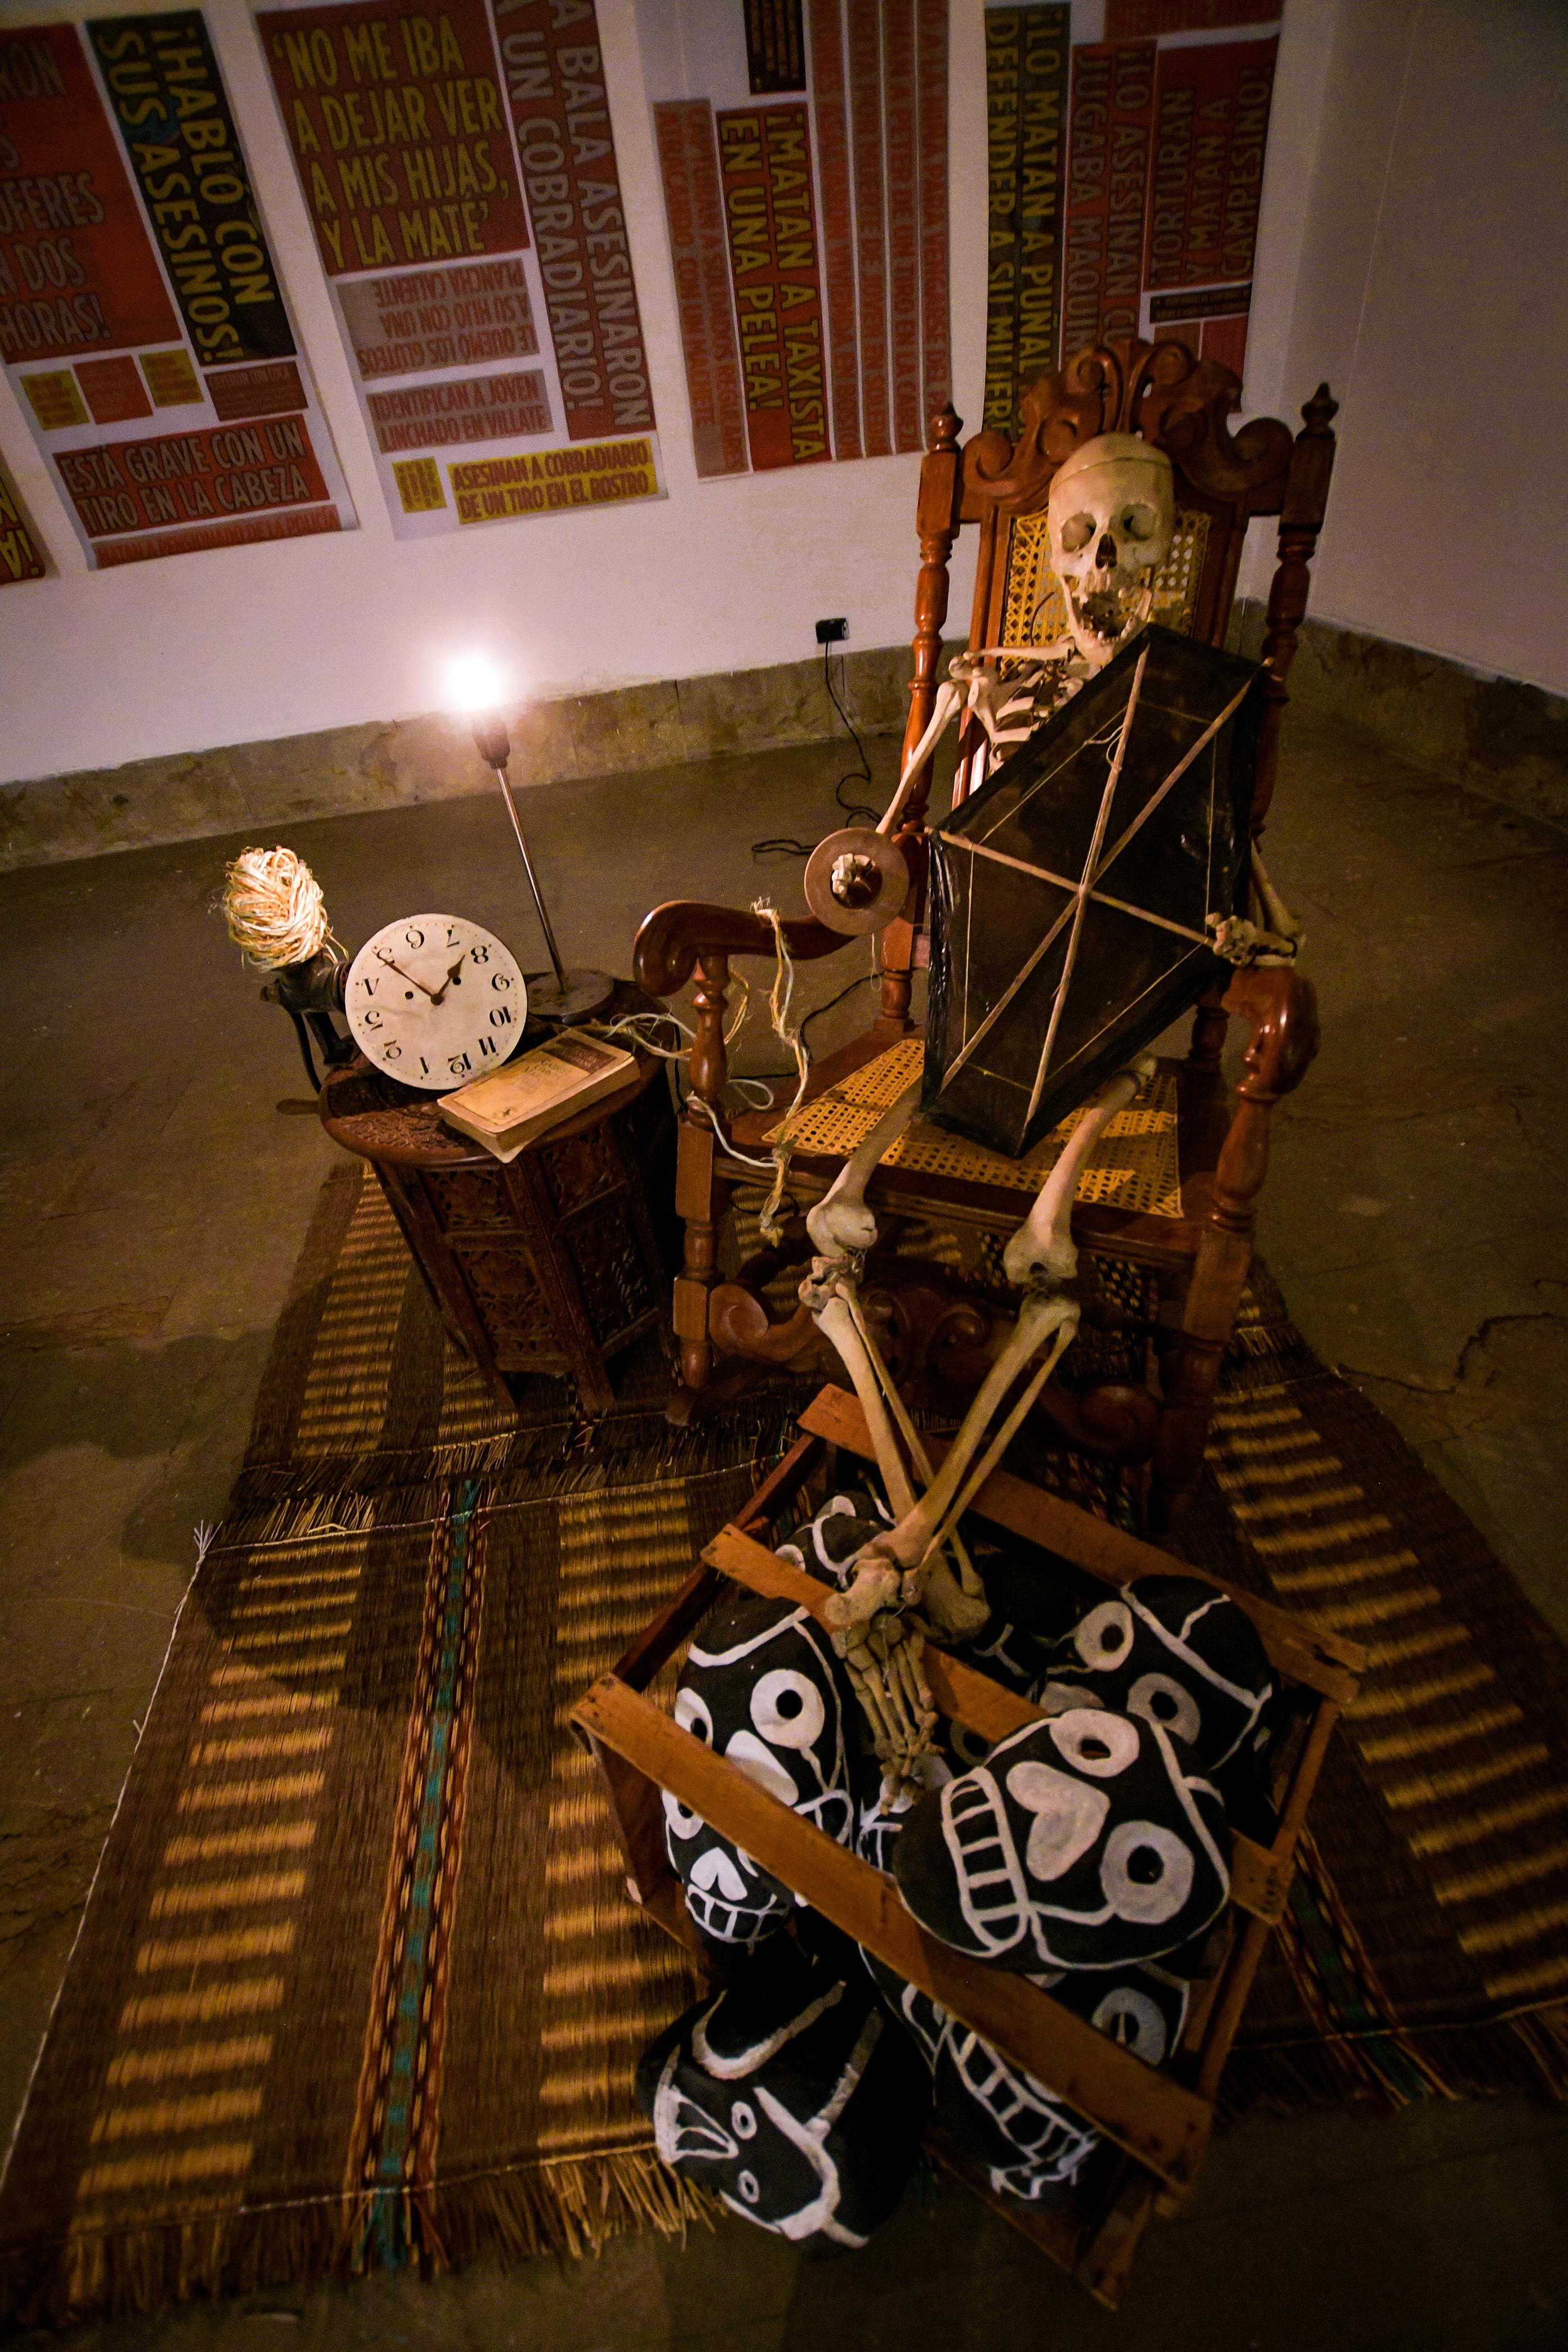 Soledad se llama la esqueleto que apoya los pies sobre un guacal lleno de máscaras de cartapesa.